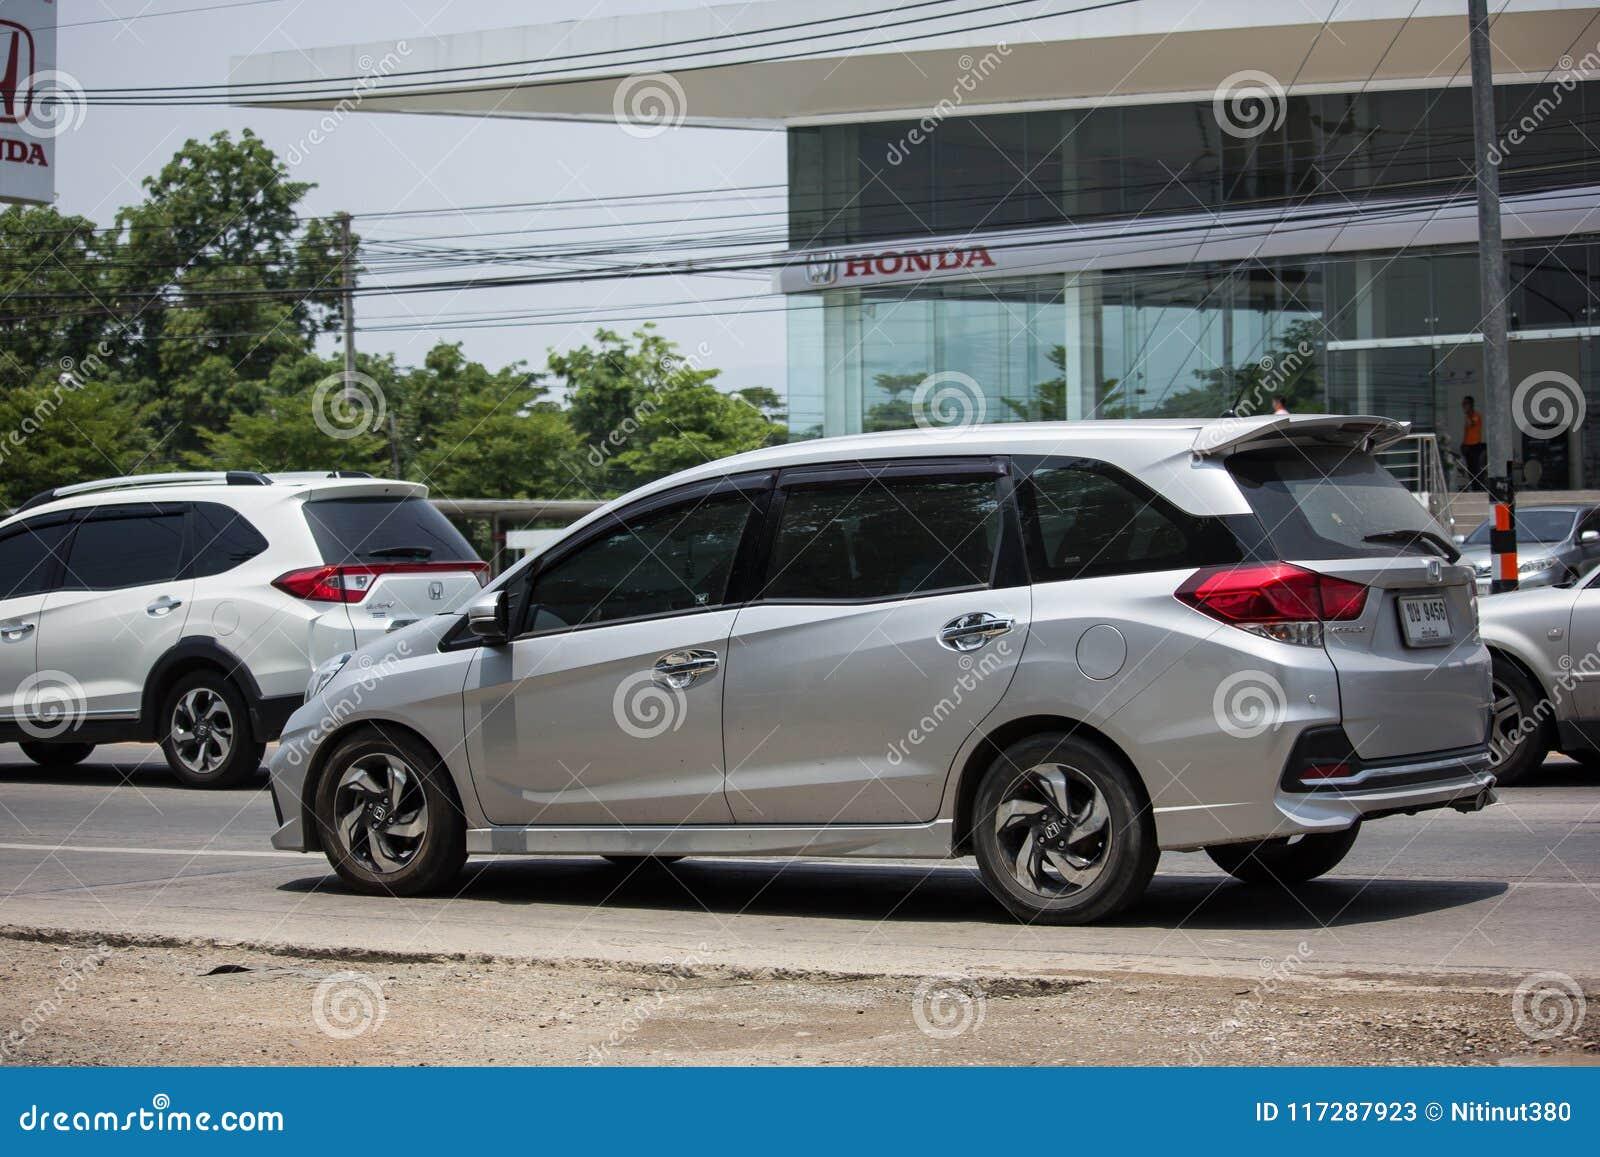 Private Honda Mobilio Van Editorial Stock Photo Image Of